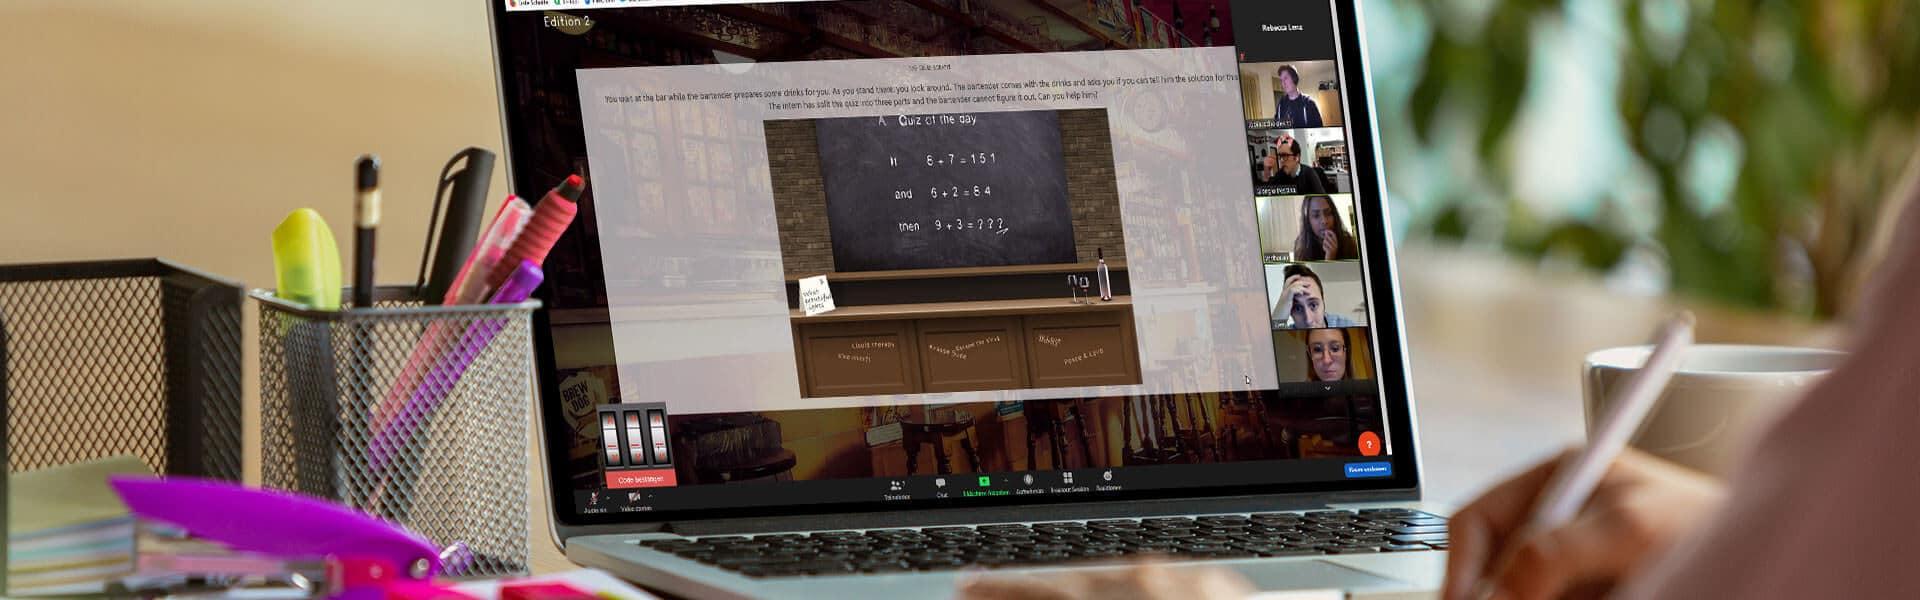 Remote Escape Game als Teamevent von b-ceed eventagentur